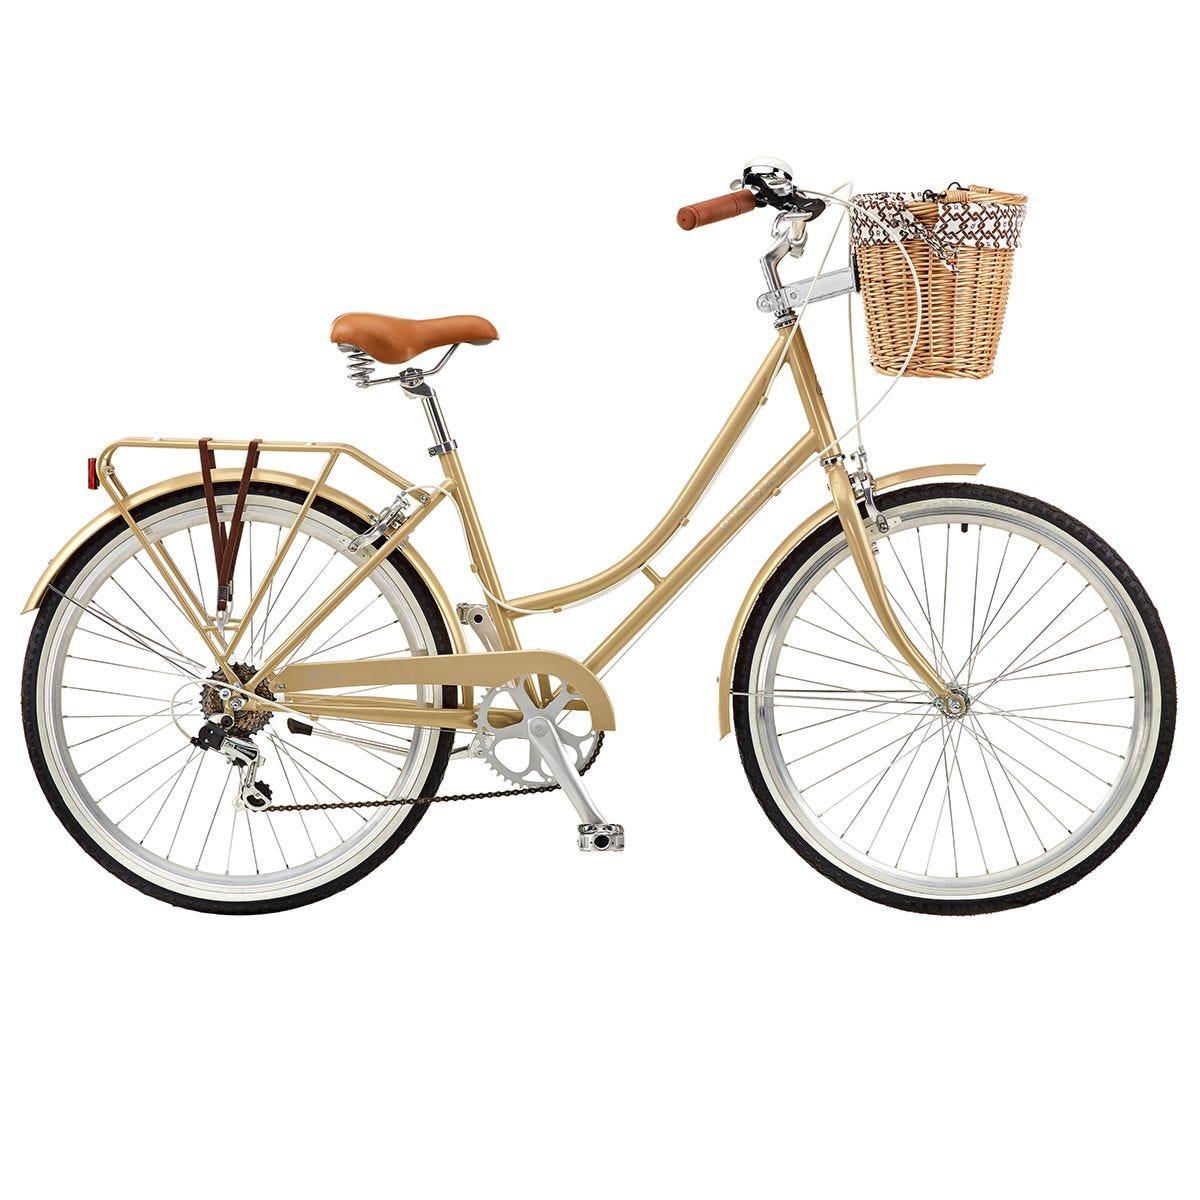 Ryedale Harriet 26 Inch Wheel 17 Inch Frame 6 Speed Ladies Heritage Bike - Latte